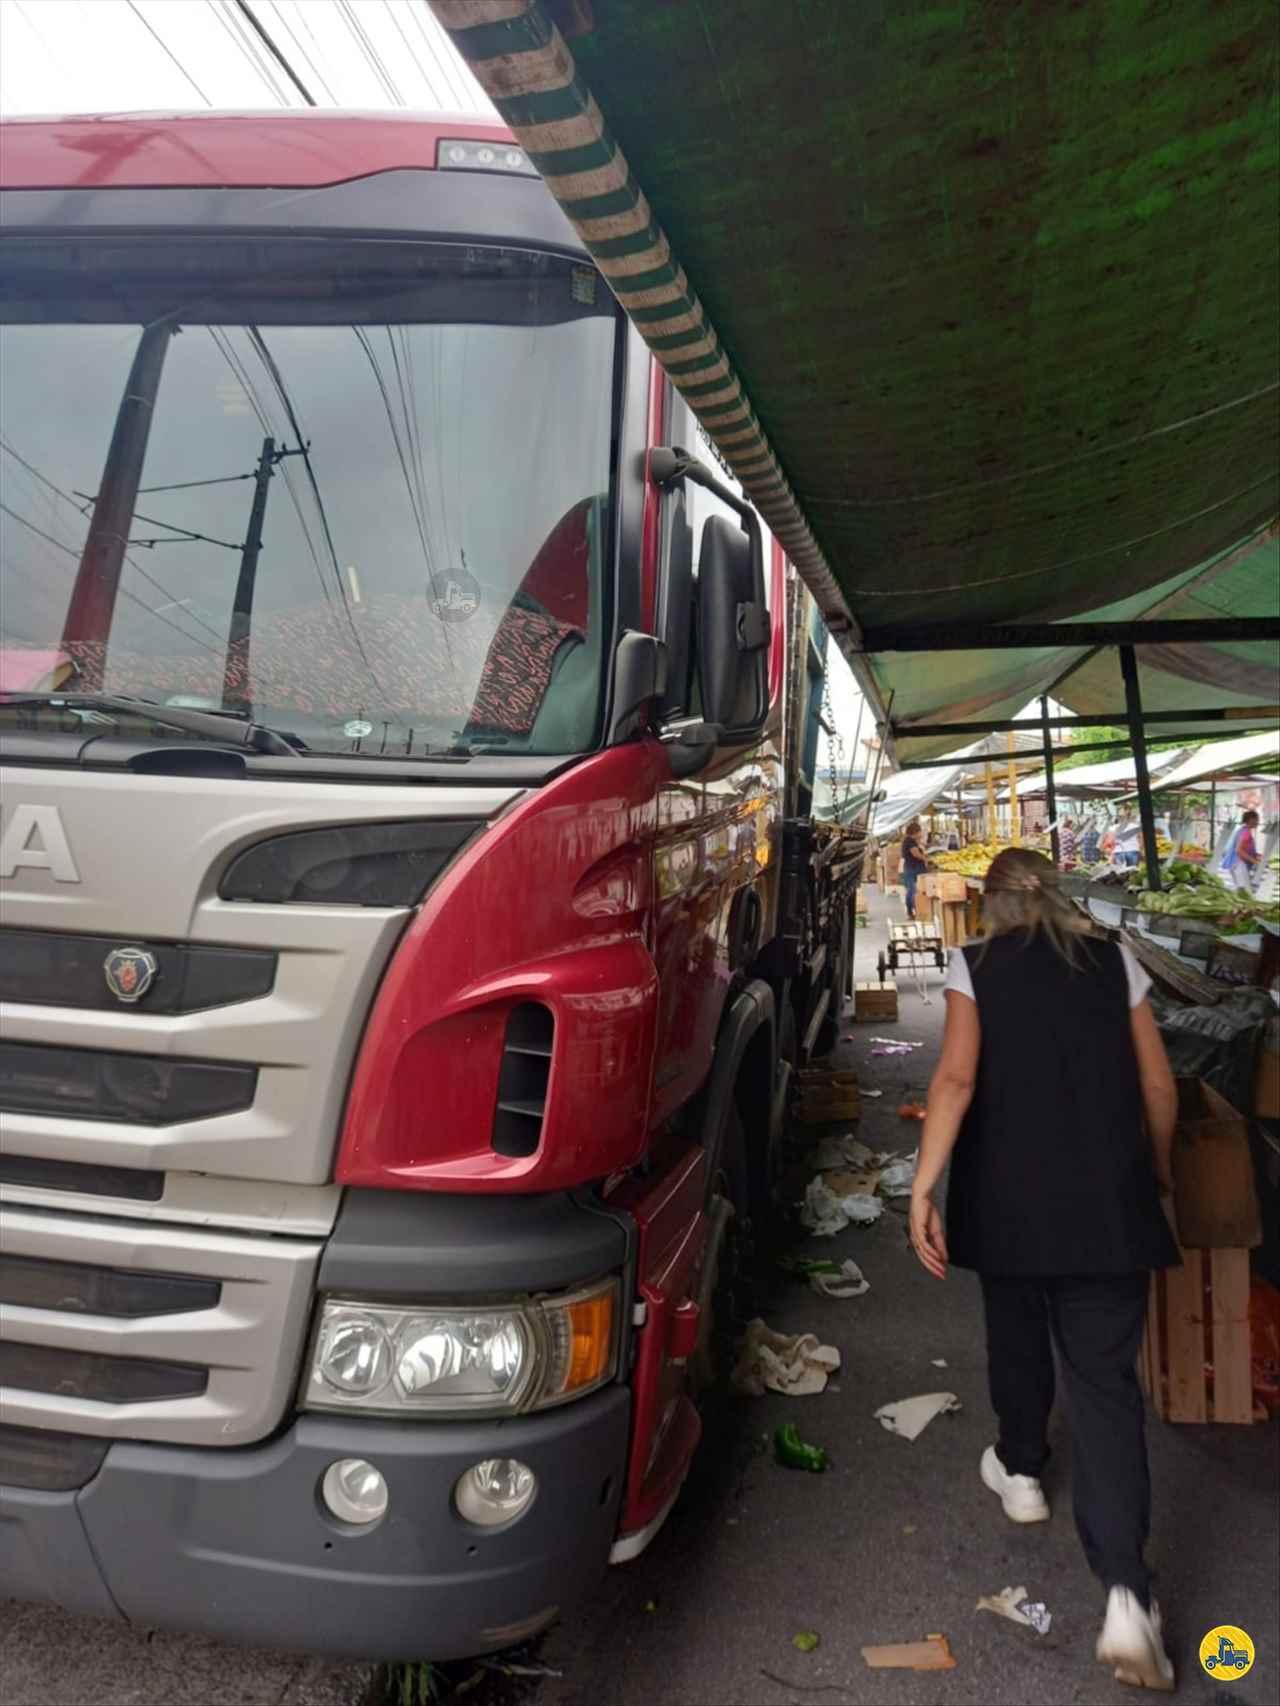 CAMINHAO SCANIA SCANIA P310 Carga Seca BiTruck 8x2 Wilson Caminhões RIBEIRAO PIRES SÃO PAULO SP